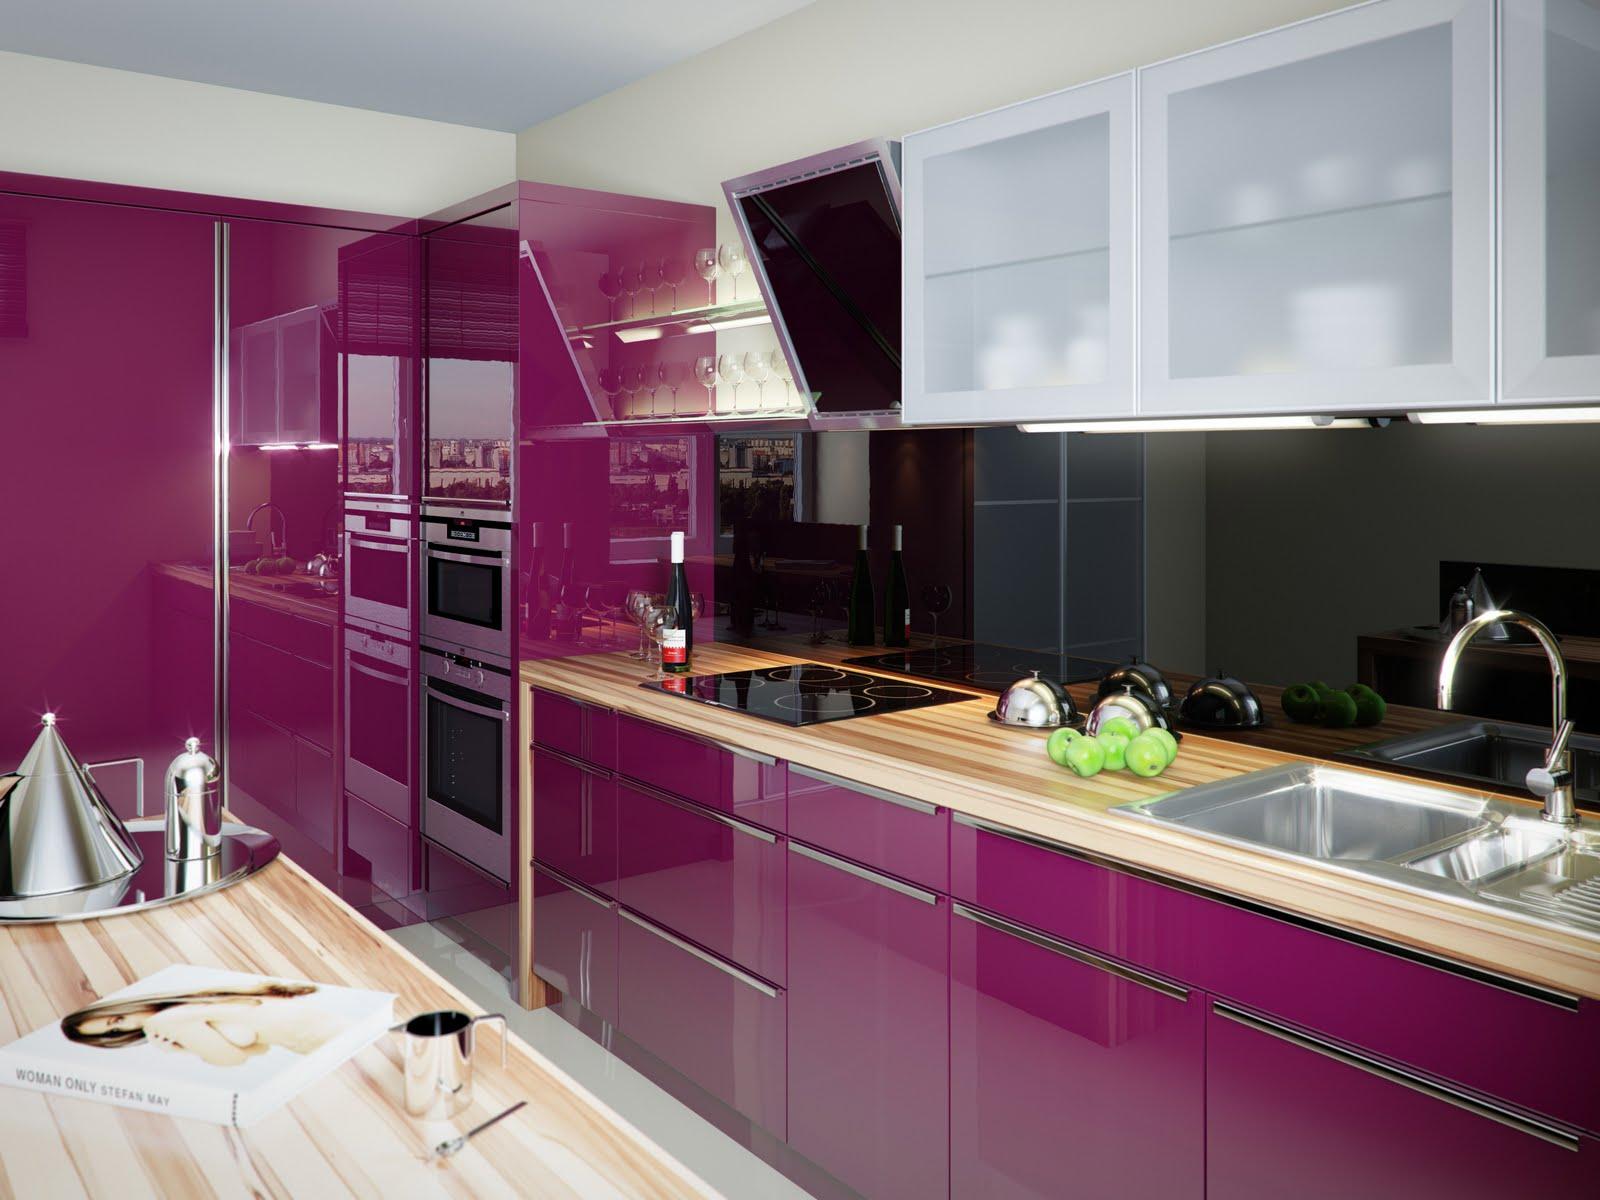 Кухня Сиена с фурнитурой Boyard / фиолетовая